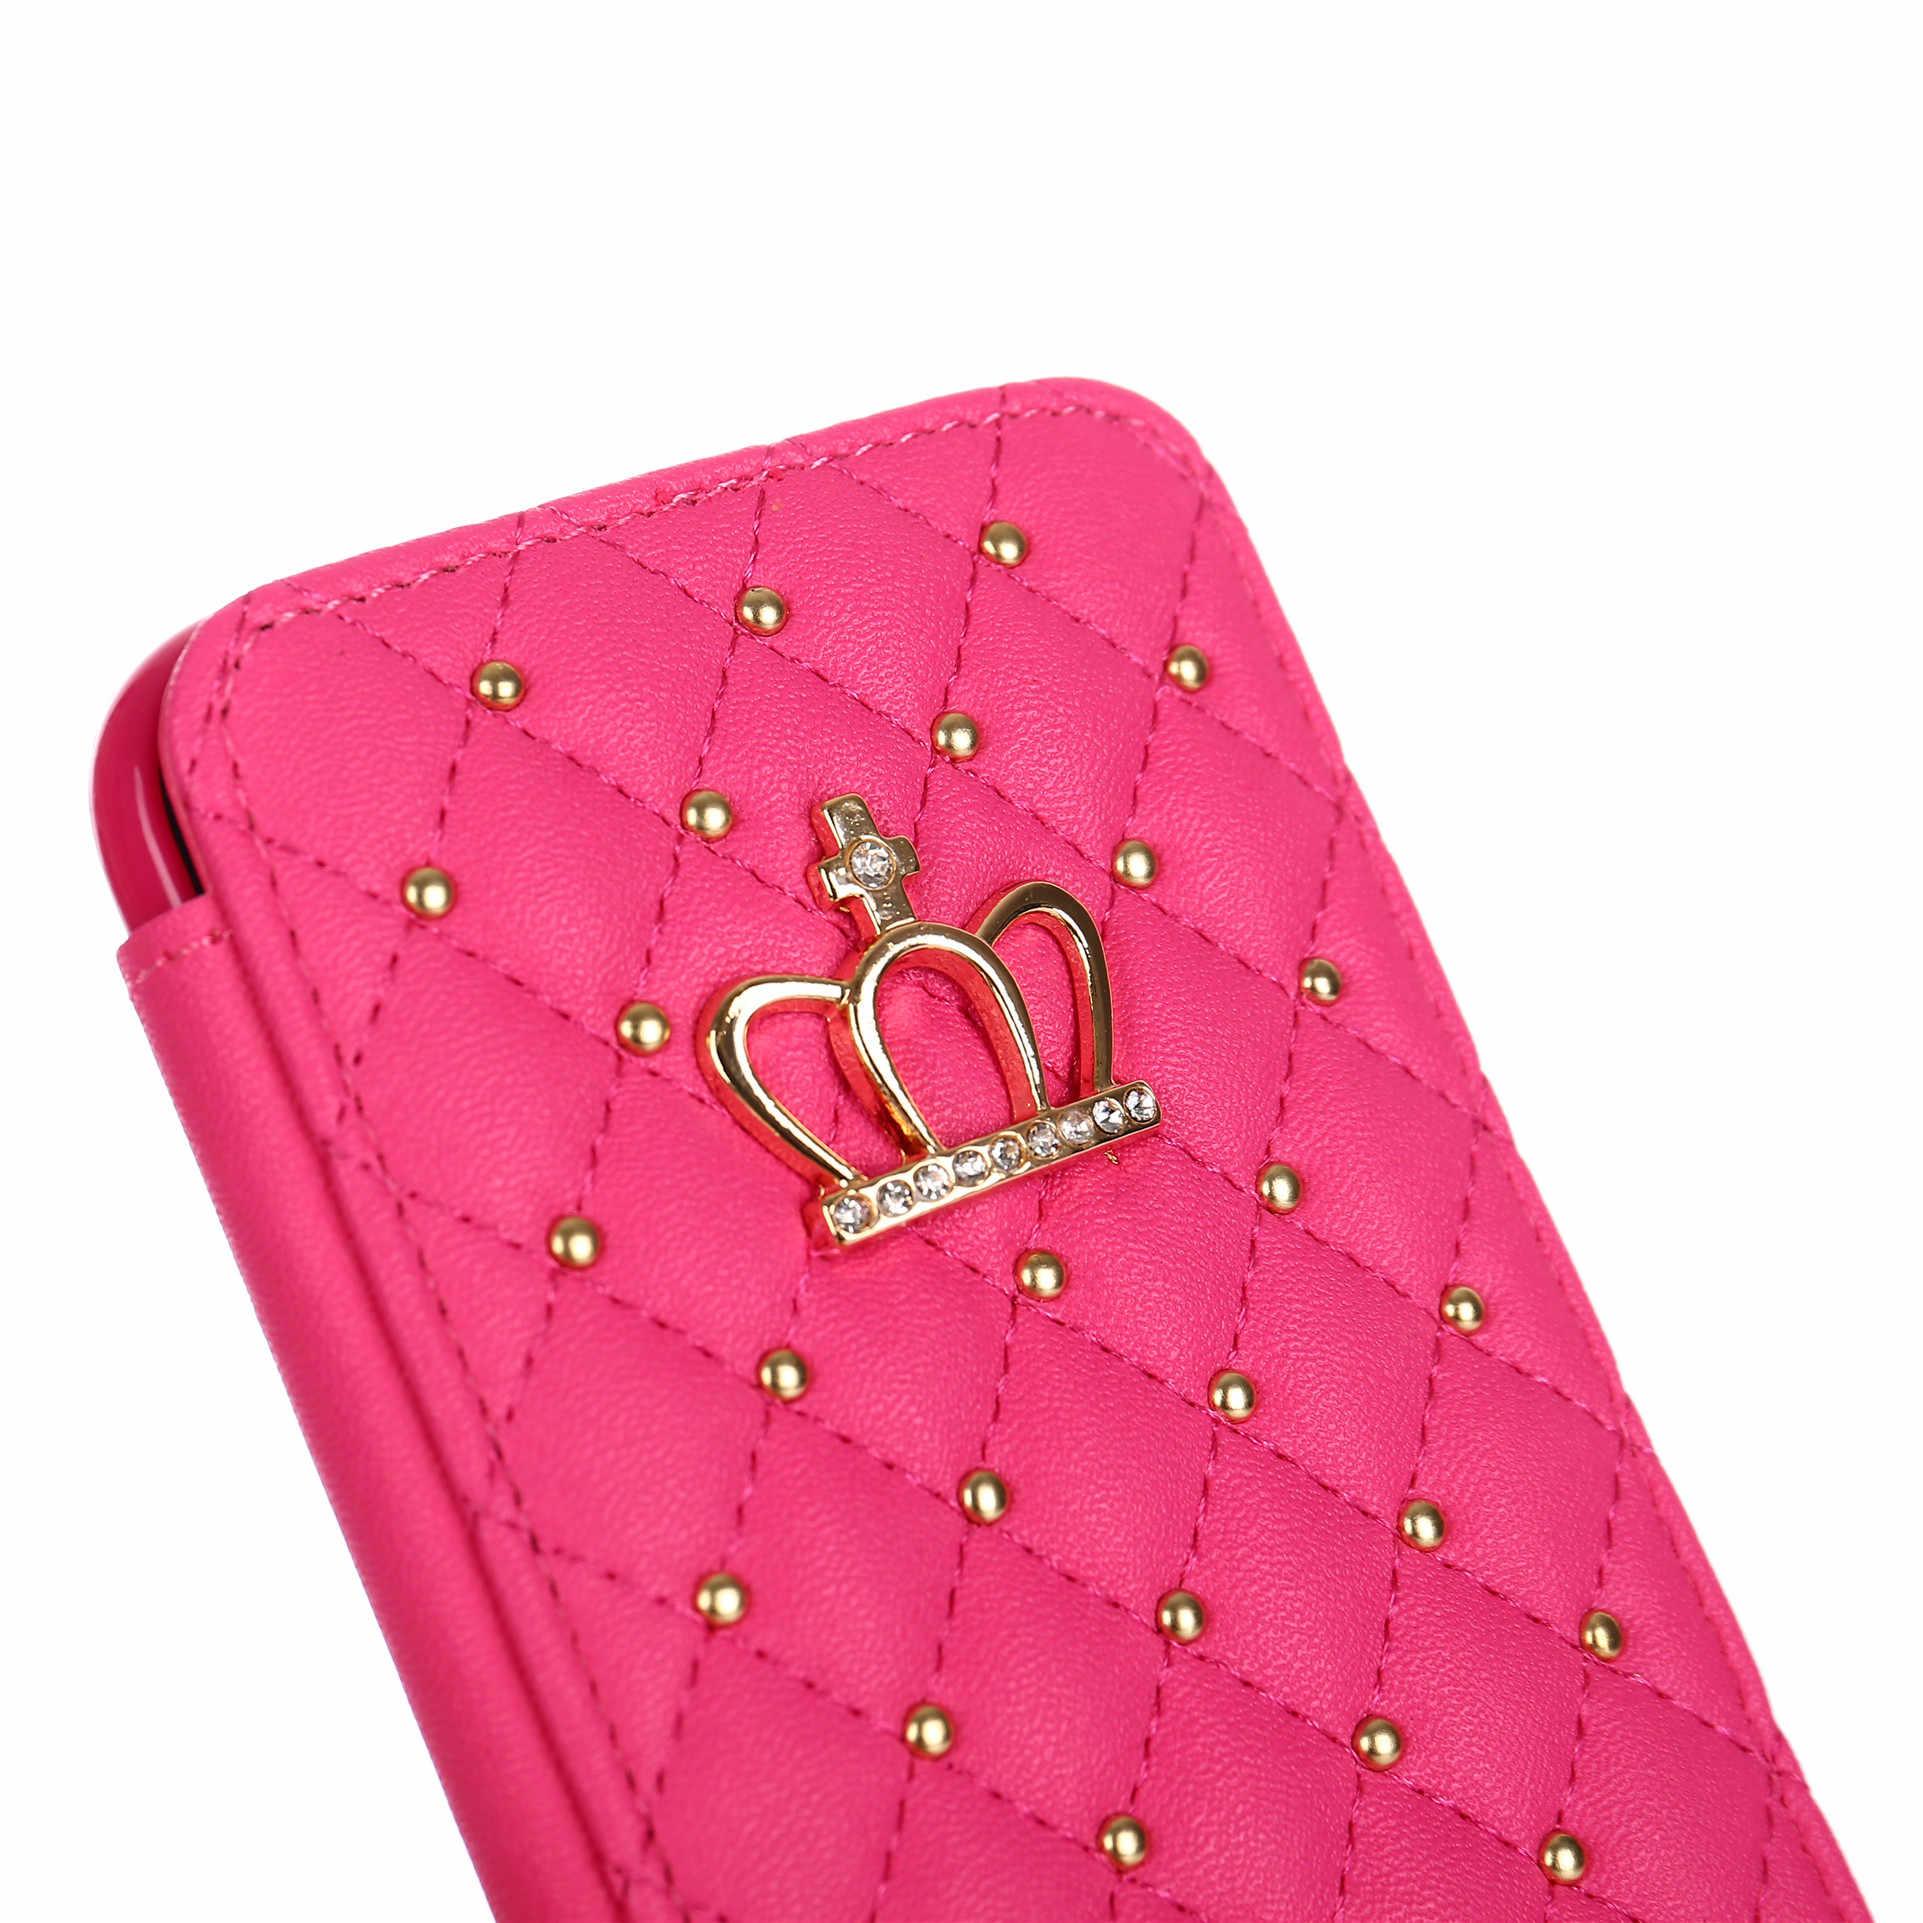 กระเป๋าสตางค์หนังสำหรับiPhone 5 6 6S 7 8 Plus X XR XS Max Case Glitter Crown Queenสไตล์กรณีพลิกฝาครอบโทรศัพท์มือถือแพคเกจ